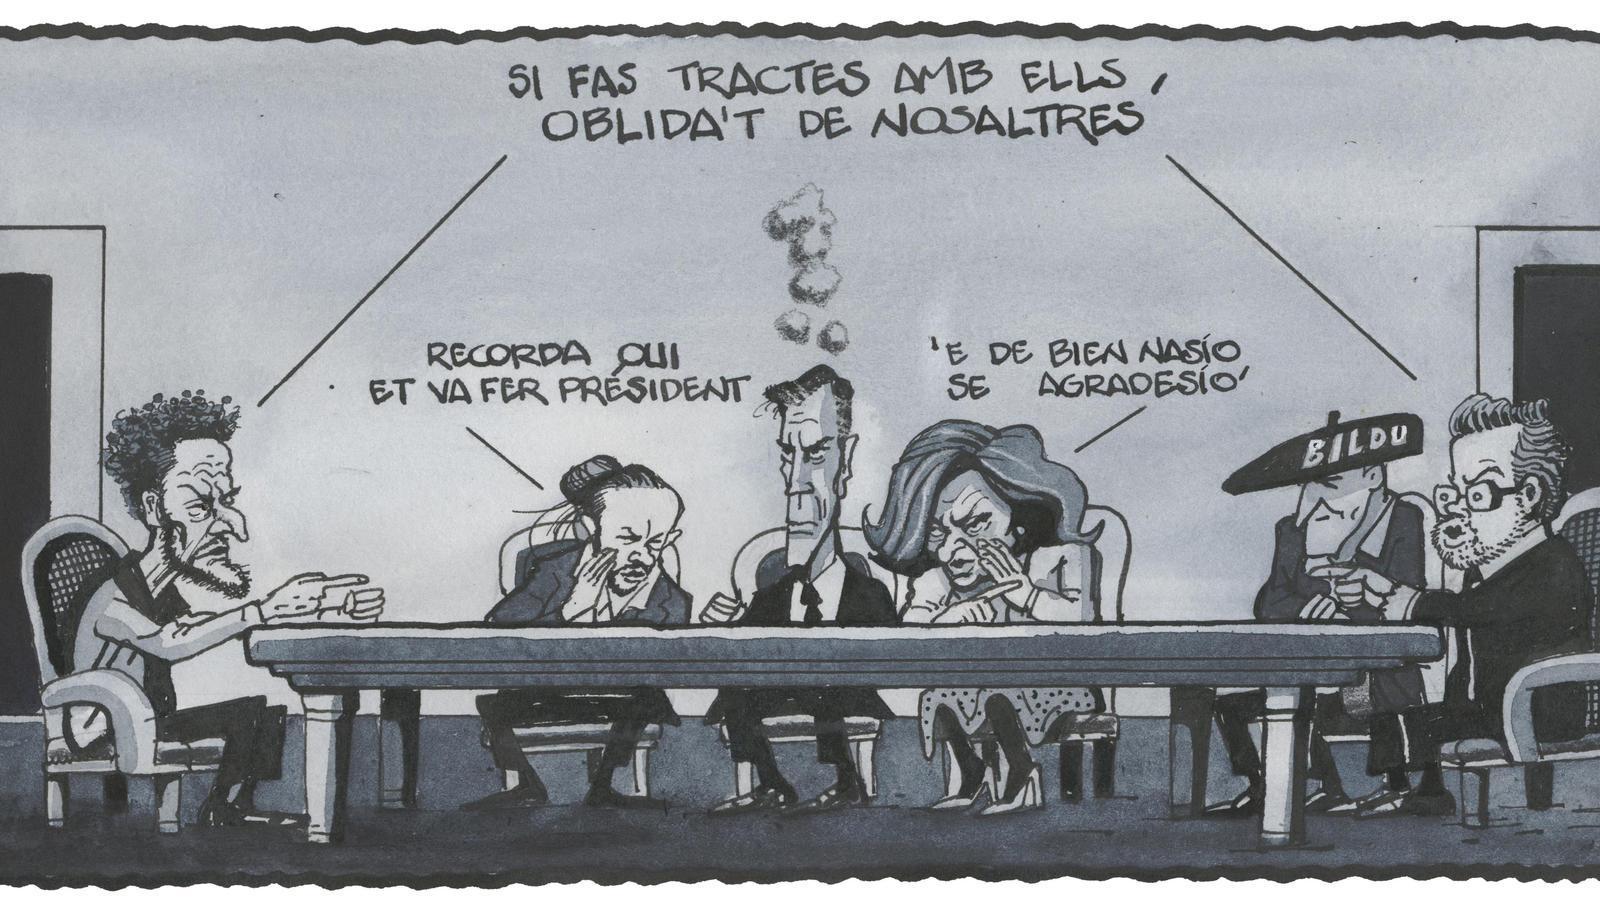 'A la contra', per Ferreres 17/11/2020